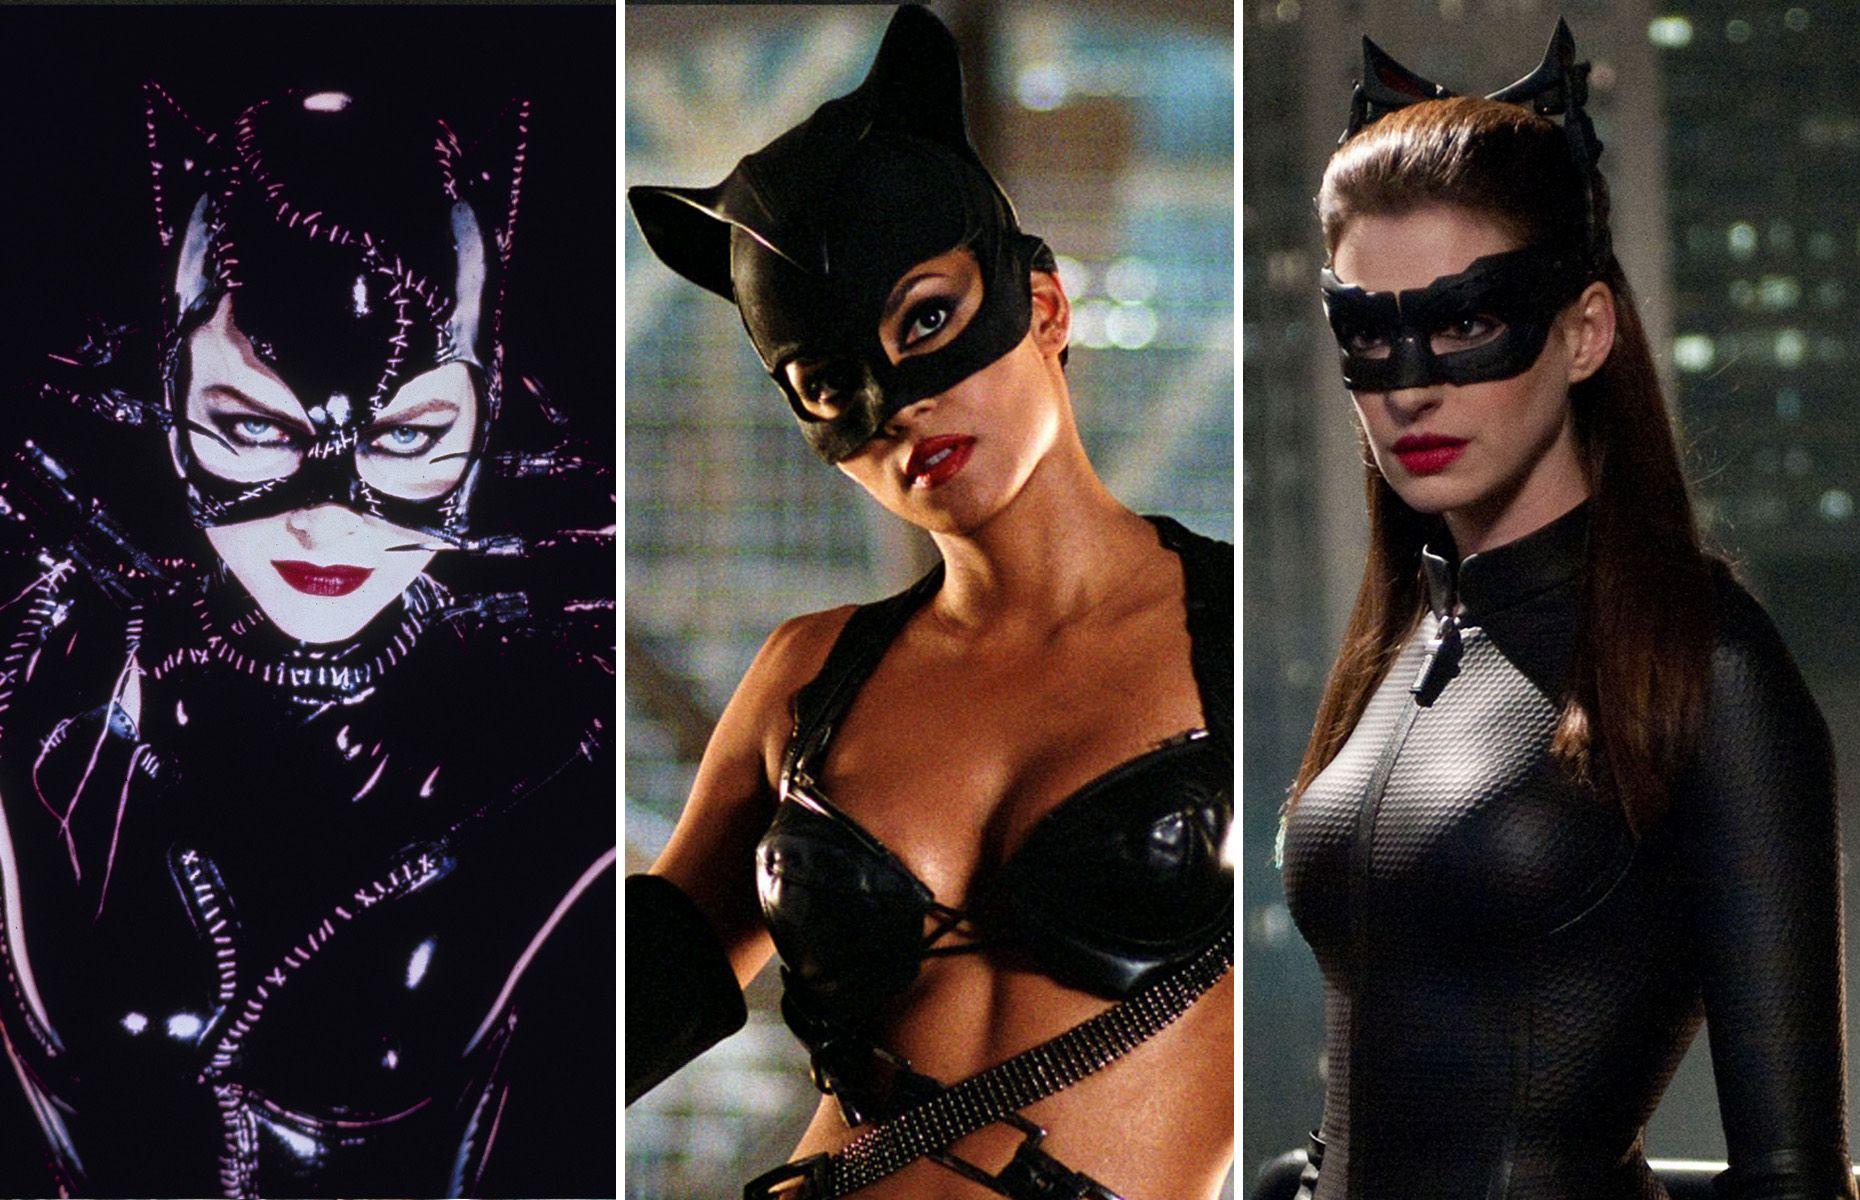 Las Gatúbelas del cine reaccionan al fichaje de Zoe Kravitz como Catwoman